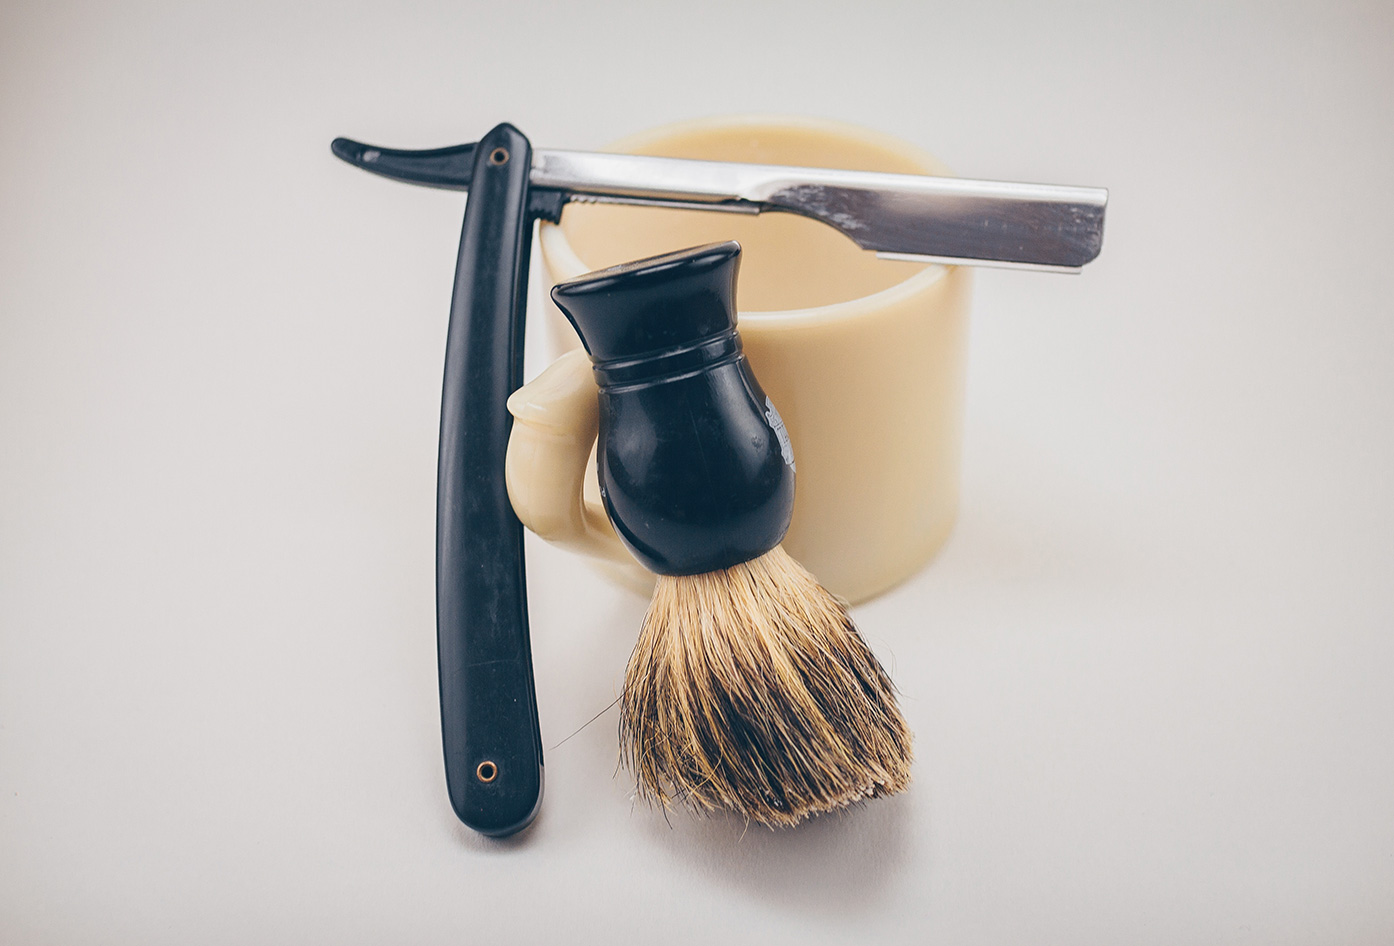 best travel size shaving cream